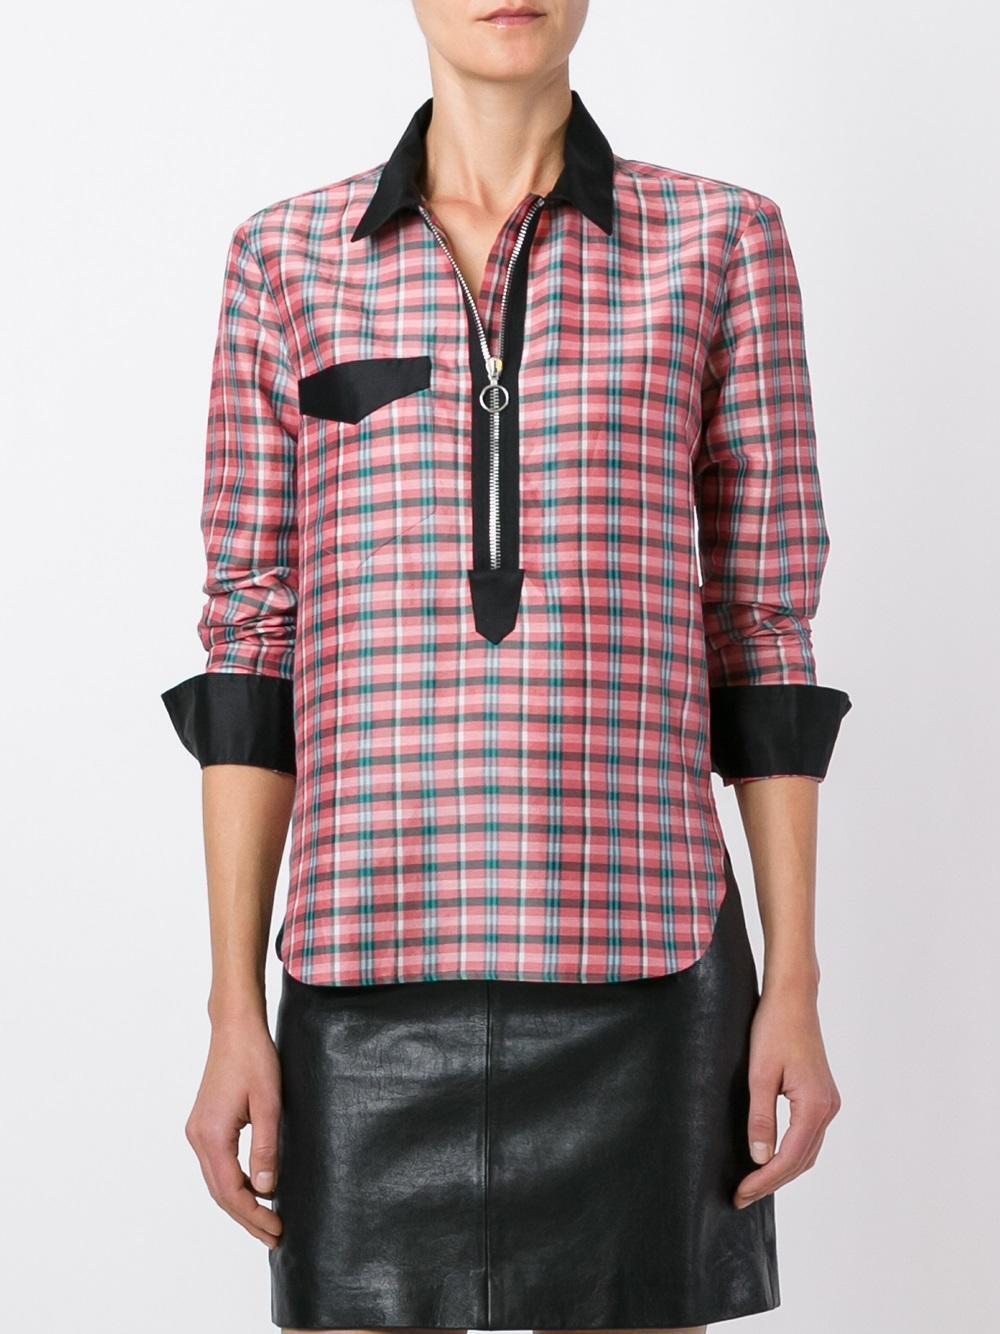 impresionante  Isabel Marant Señoras Camisa a Cuadros Cremallera  cuello de seda de12 US8 EU40  Para tu estilo de juego a los precios más baratos.